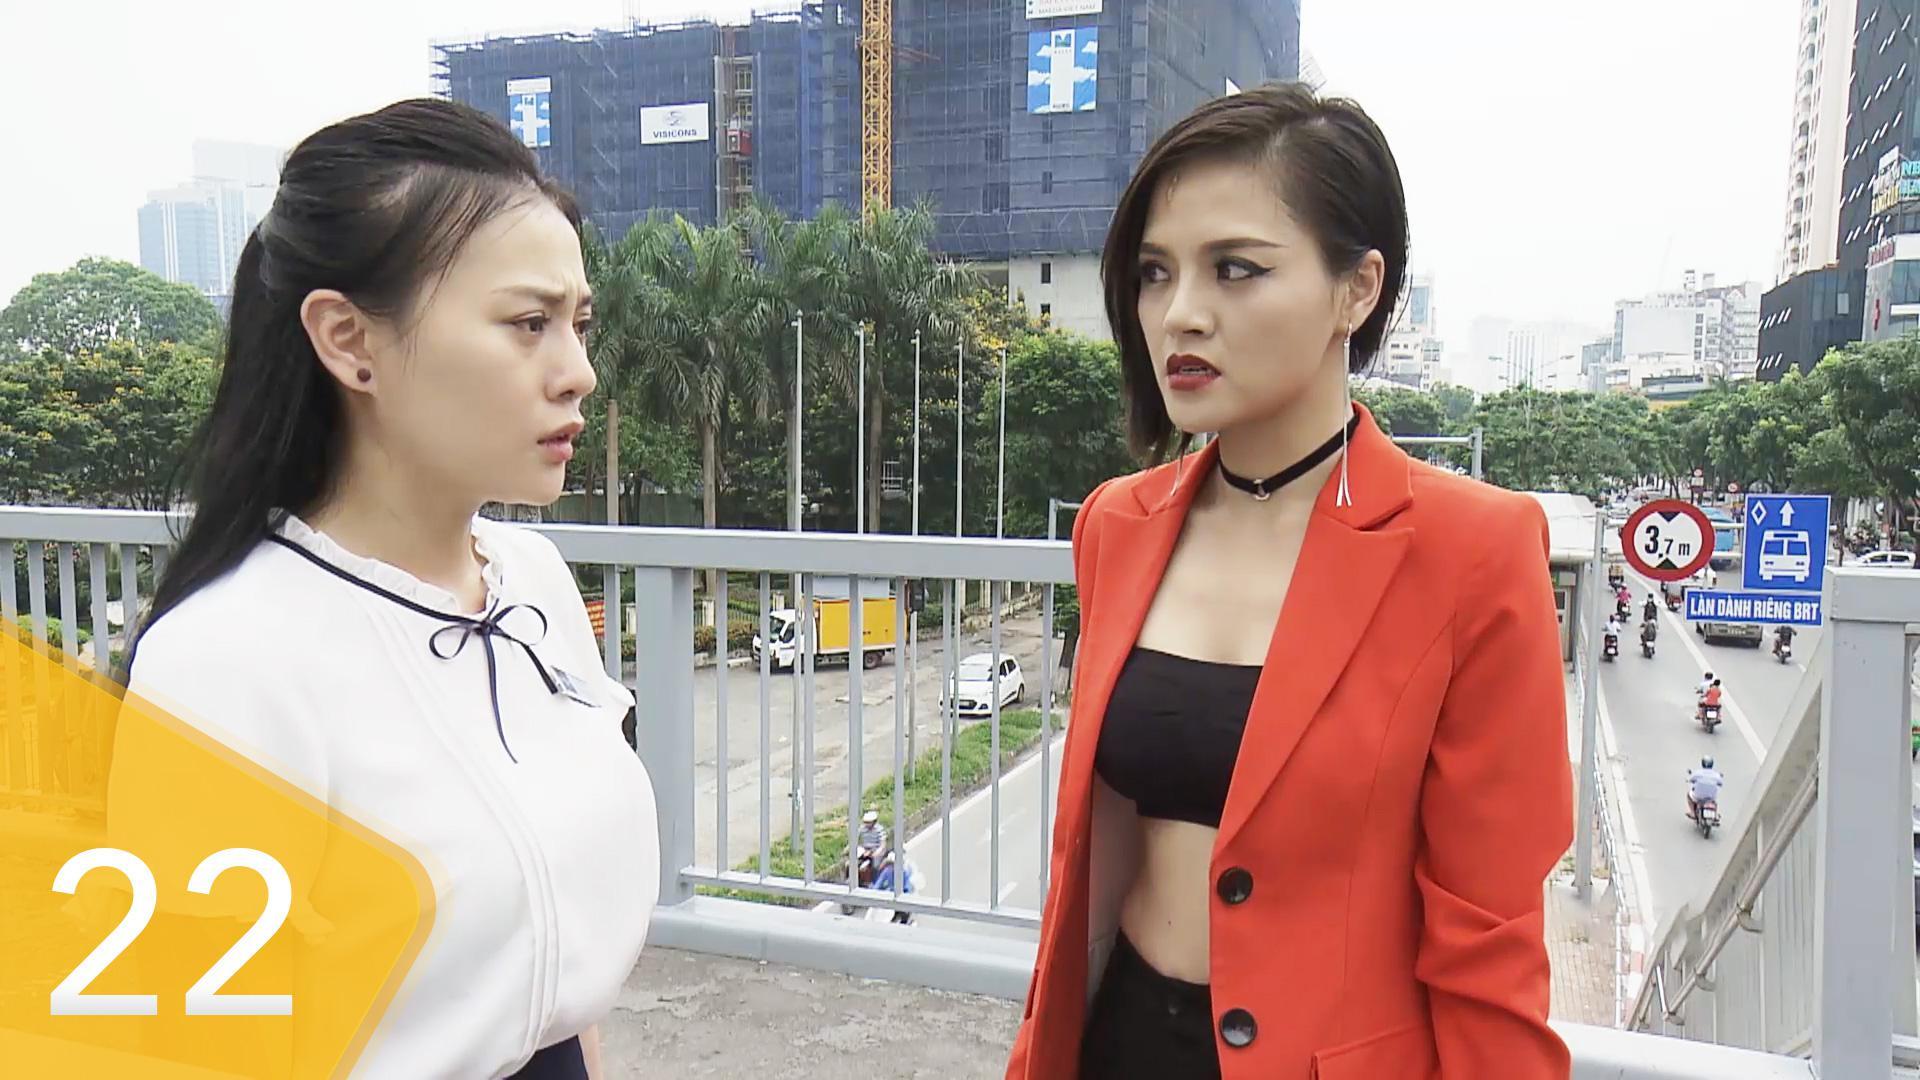 Xem Quỳnh búp bê - Tập 22 Full HD | VTV Giải Trí | VTV Online